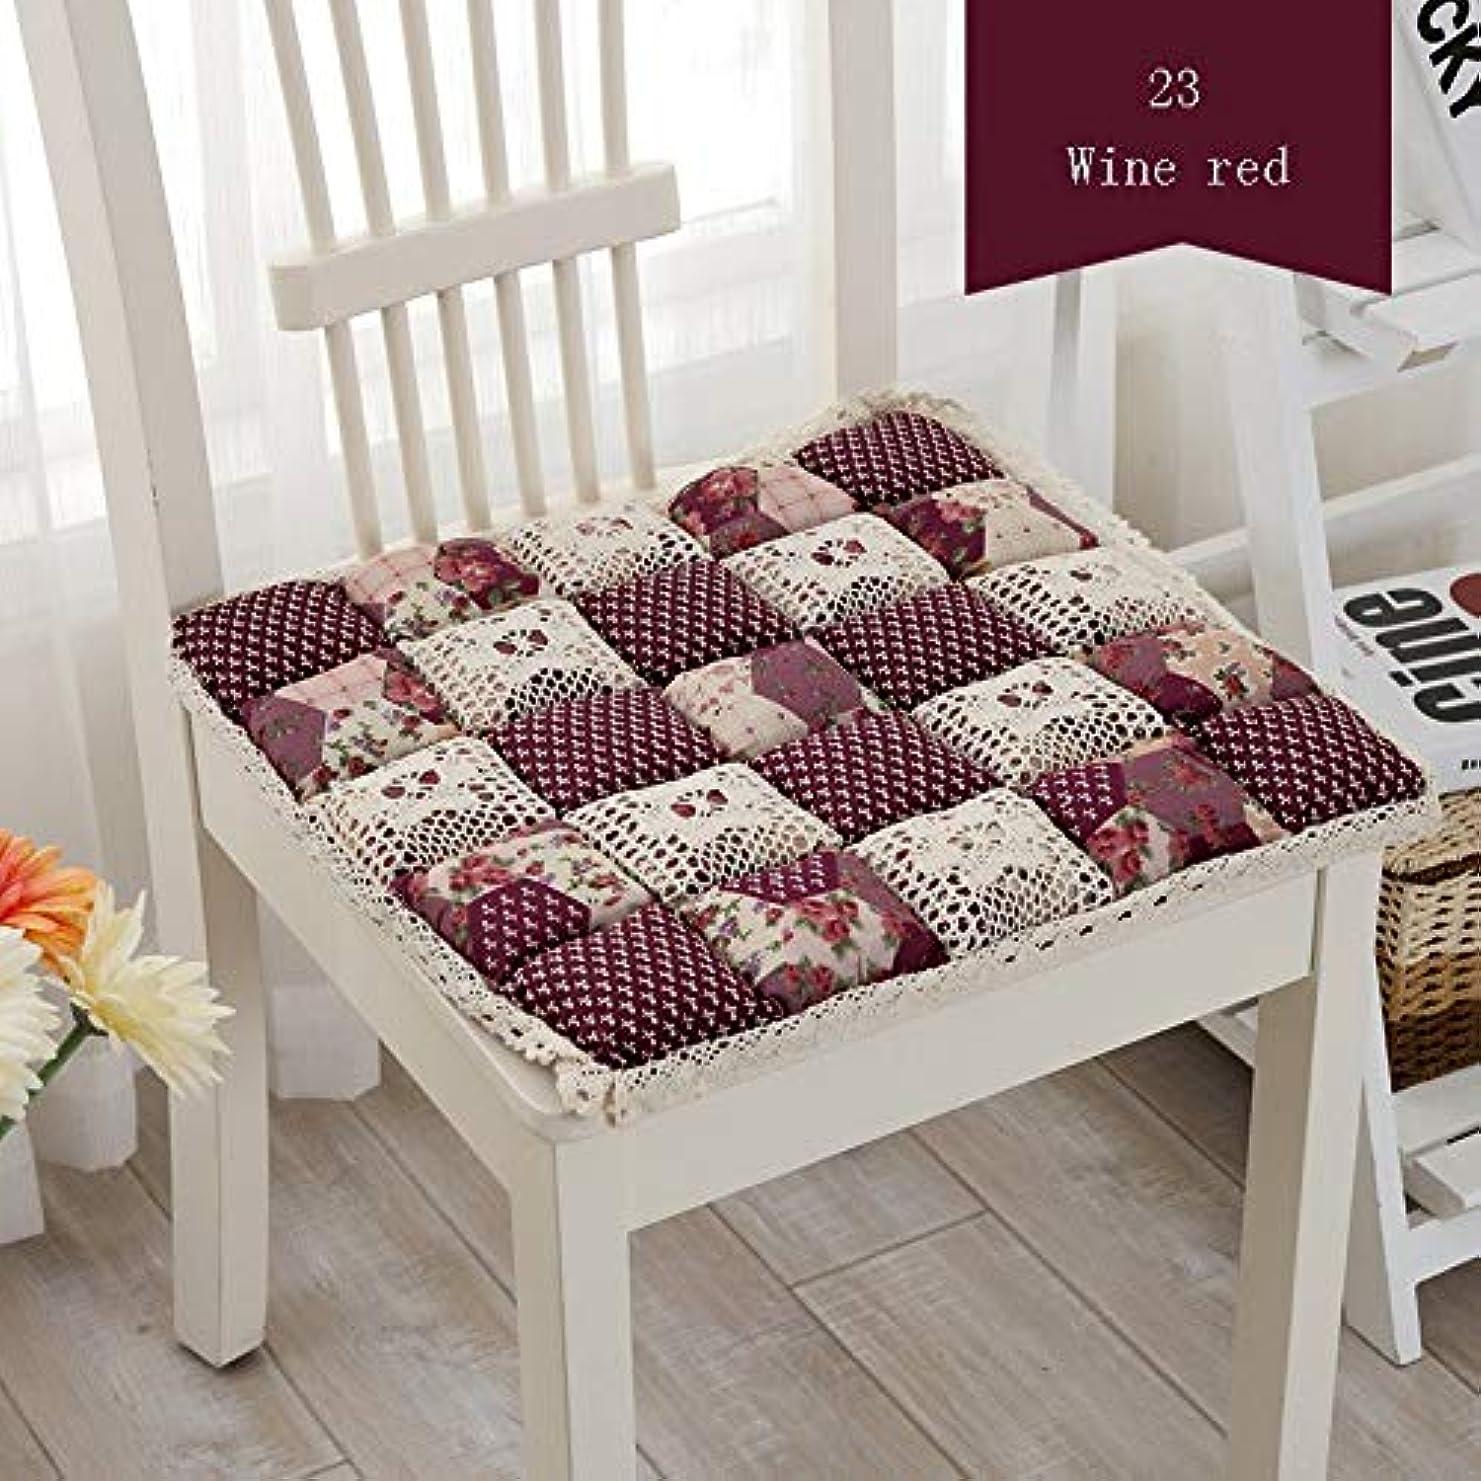 関連付けるリーン機構LIFE 1 個抗褥瘡綿椅子クッション 24 色ファッションオフィス正方形クッション学生チェアクッション家の装飾厚み クッション 椅子